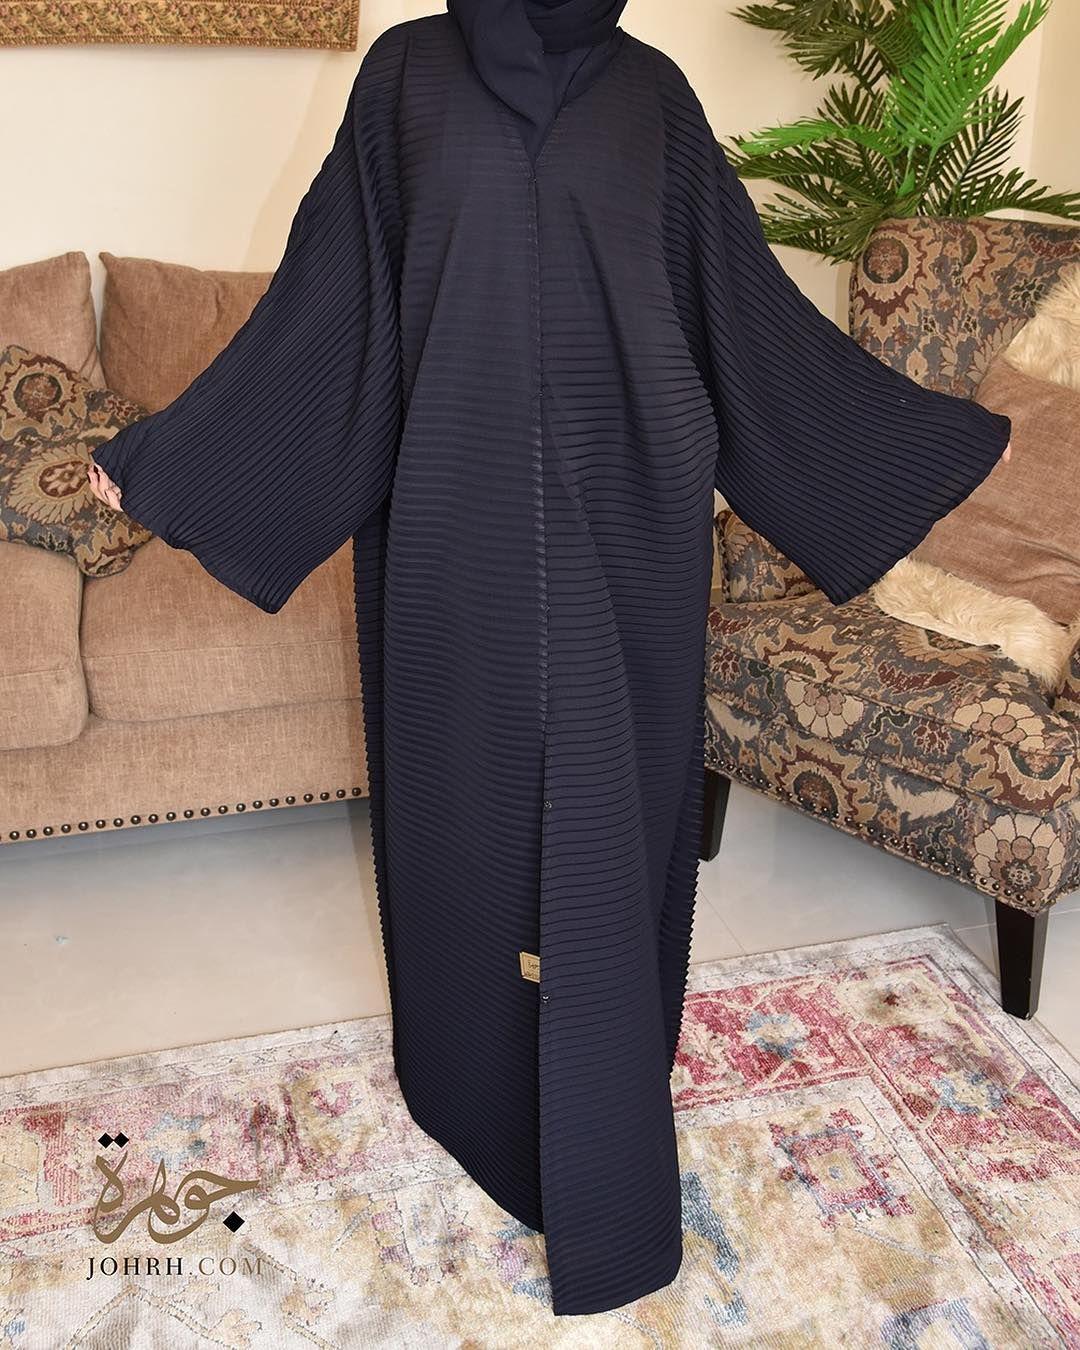 تألقي مع هذه العباية الفريدة من نوعها والتي تمتاز بقصة البليسيه الكلاسيكية بلون كحلي رائع والتي فصلت بأسلوب مبتكر لتواكبي بها آخ Fashion Women S Top Kimono Top